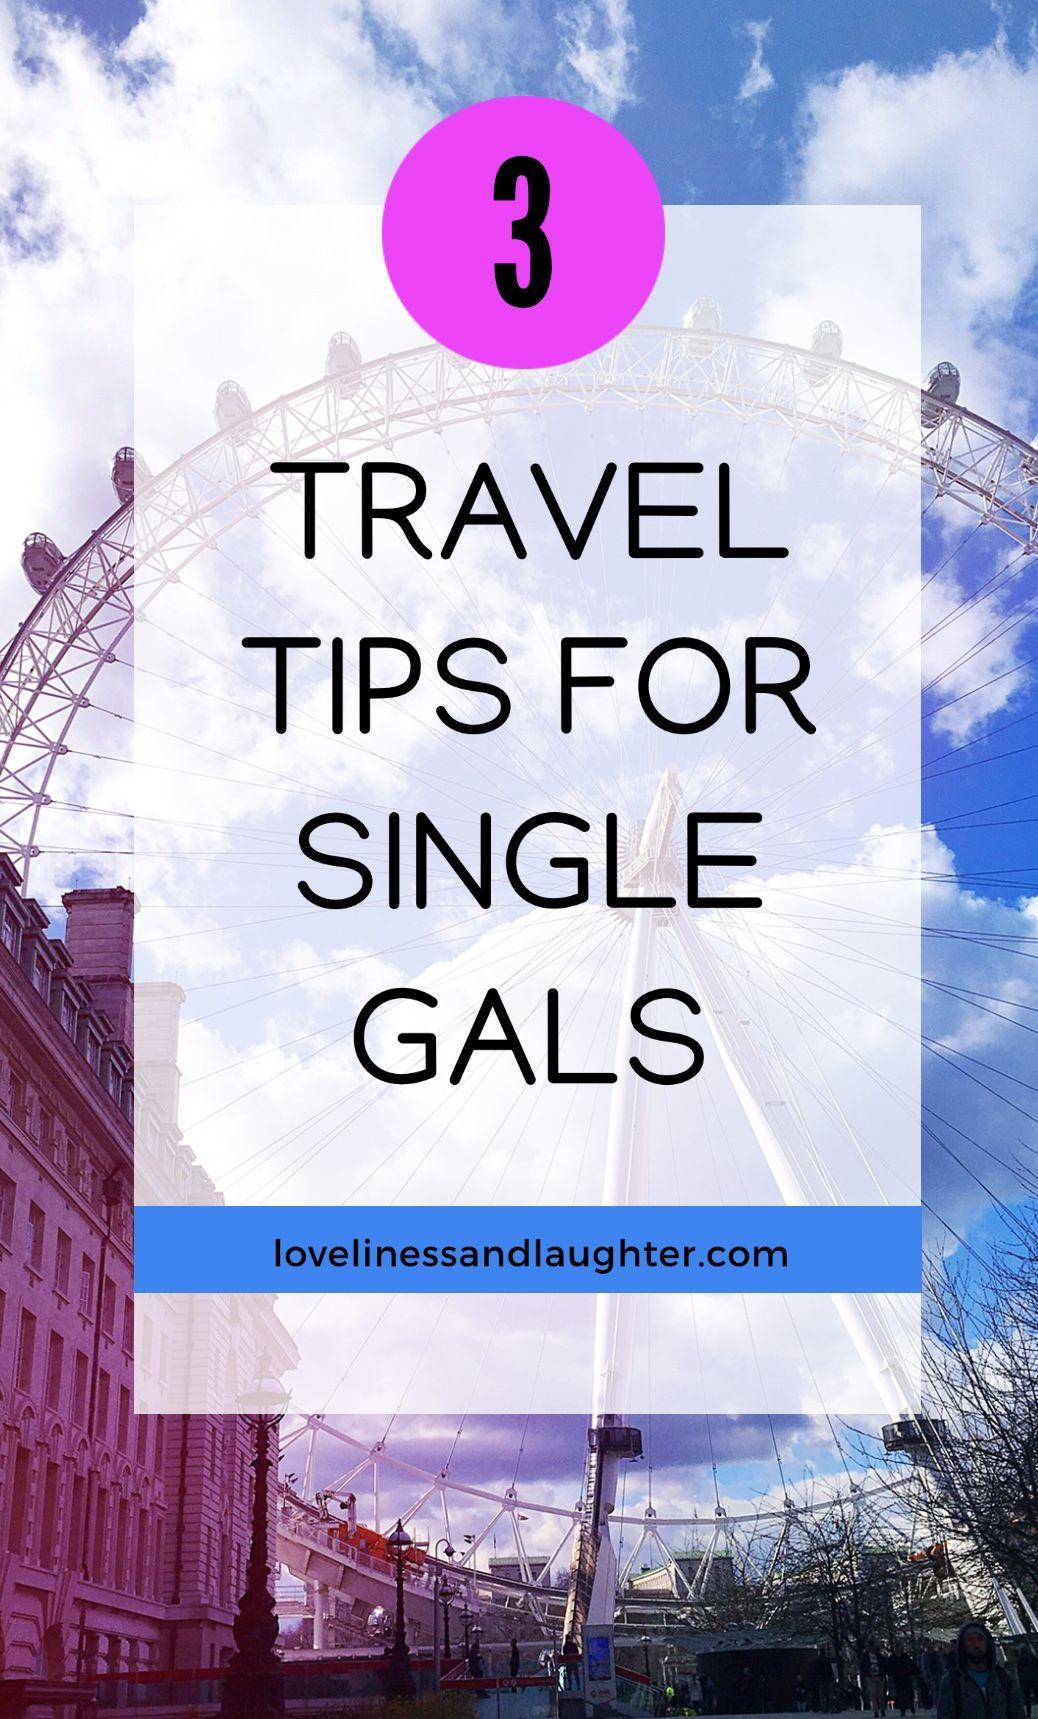 Christian singles travel